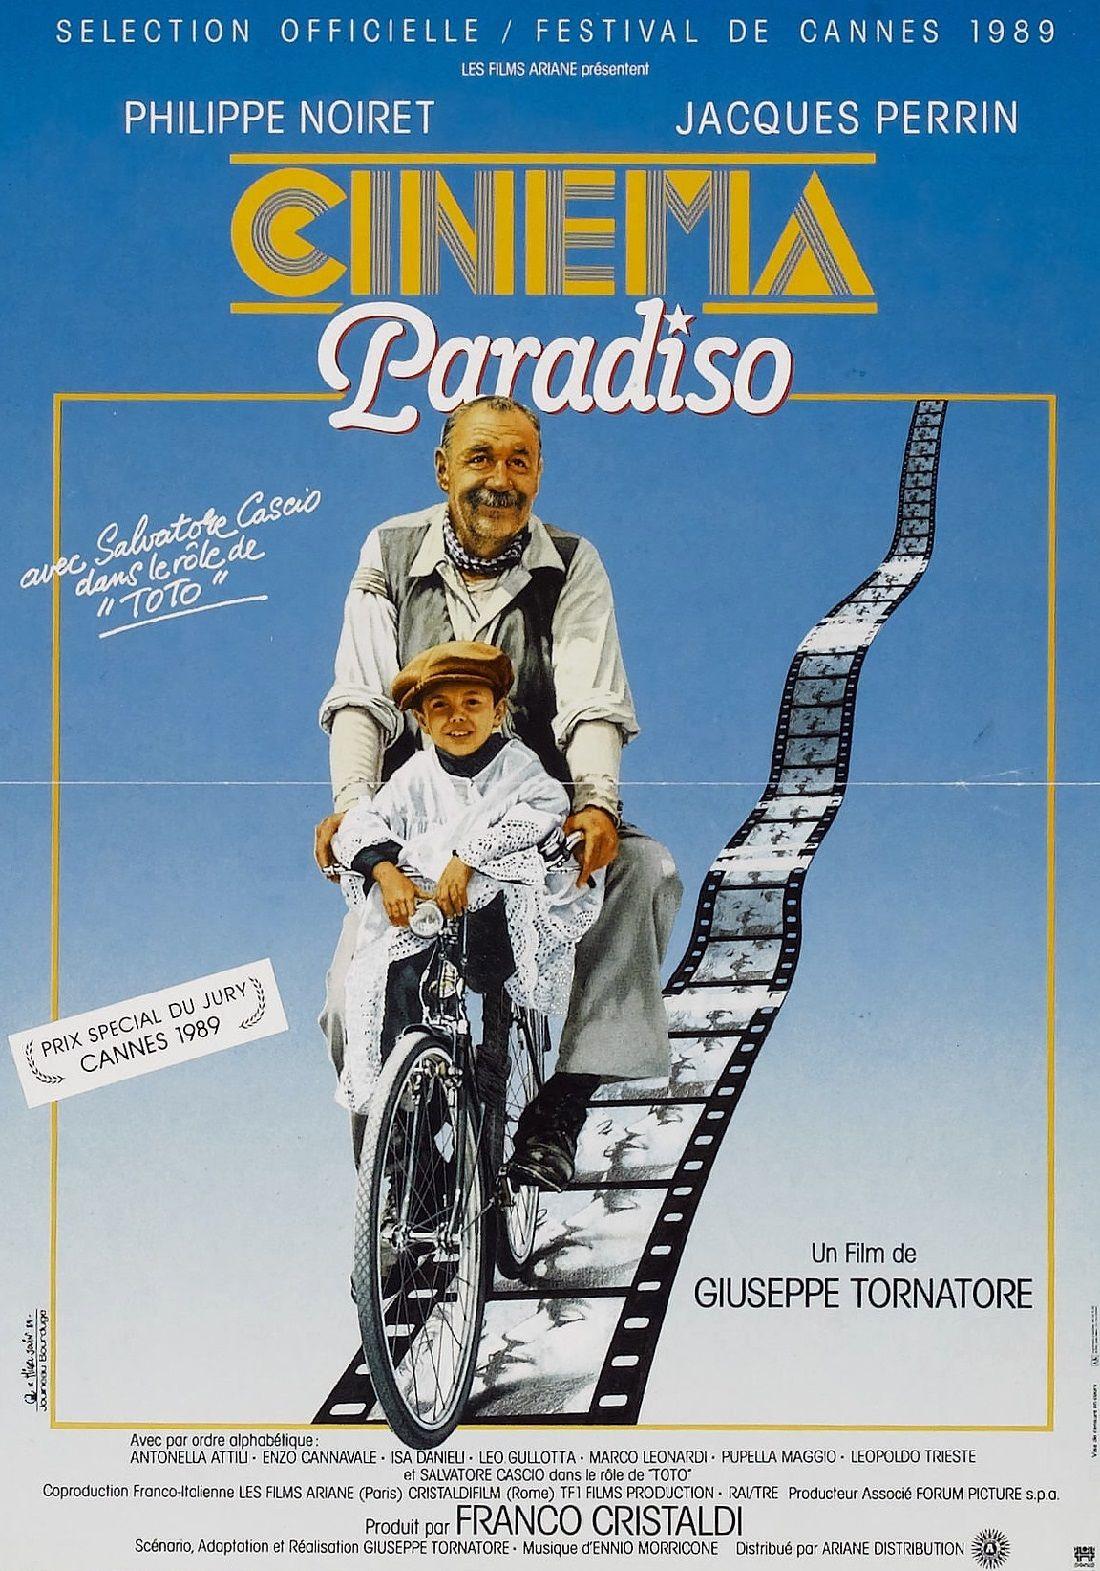 Locandina Nuovo Cinema Paradiso Cinema Paradiso Cinema Film